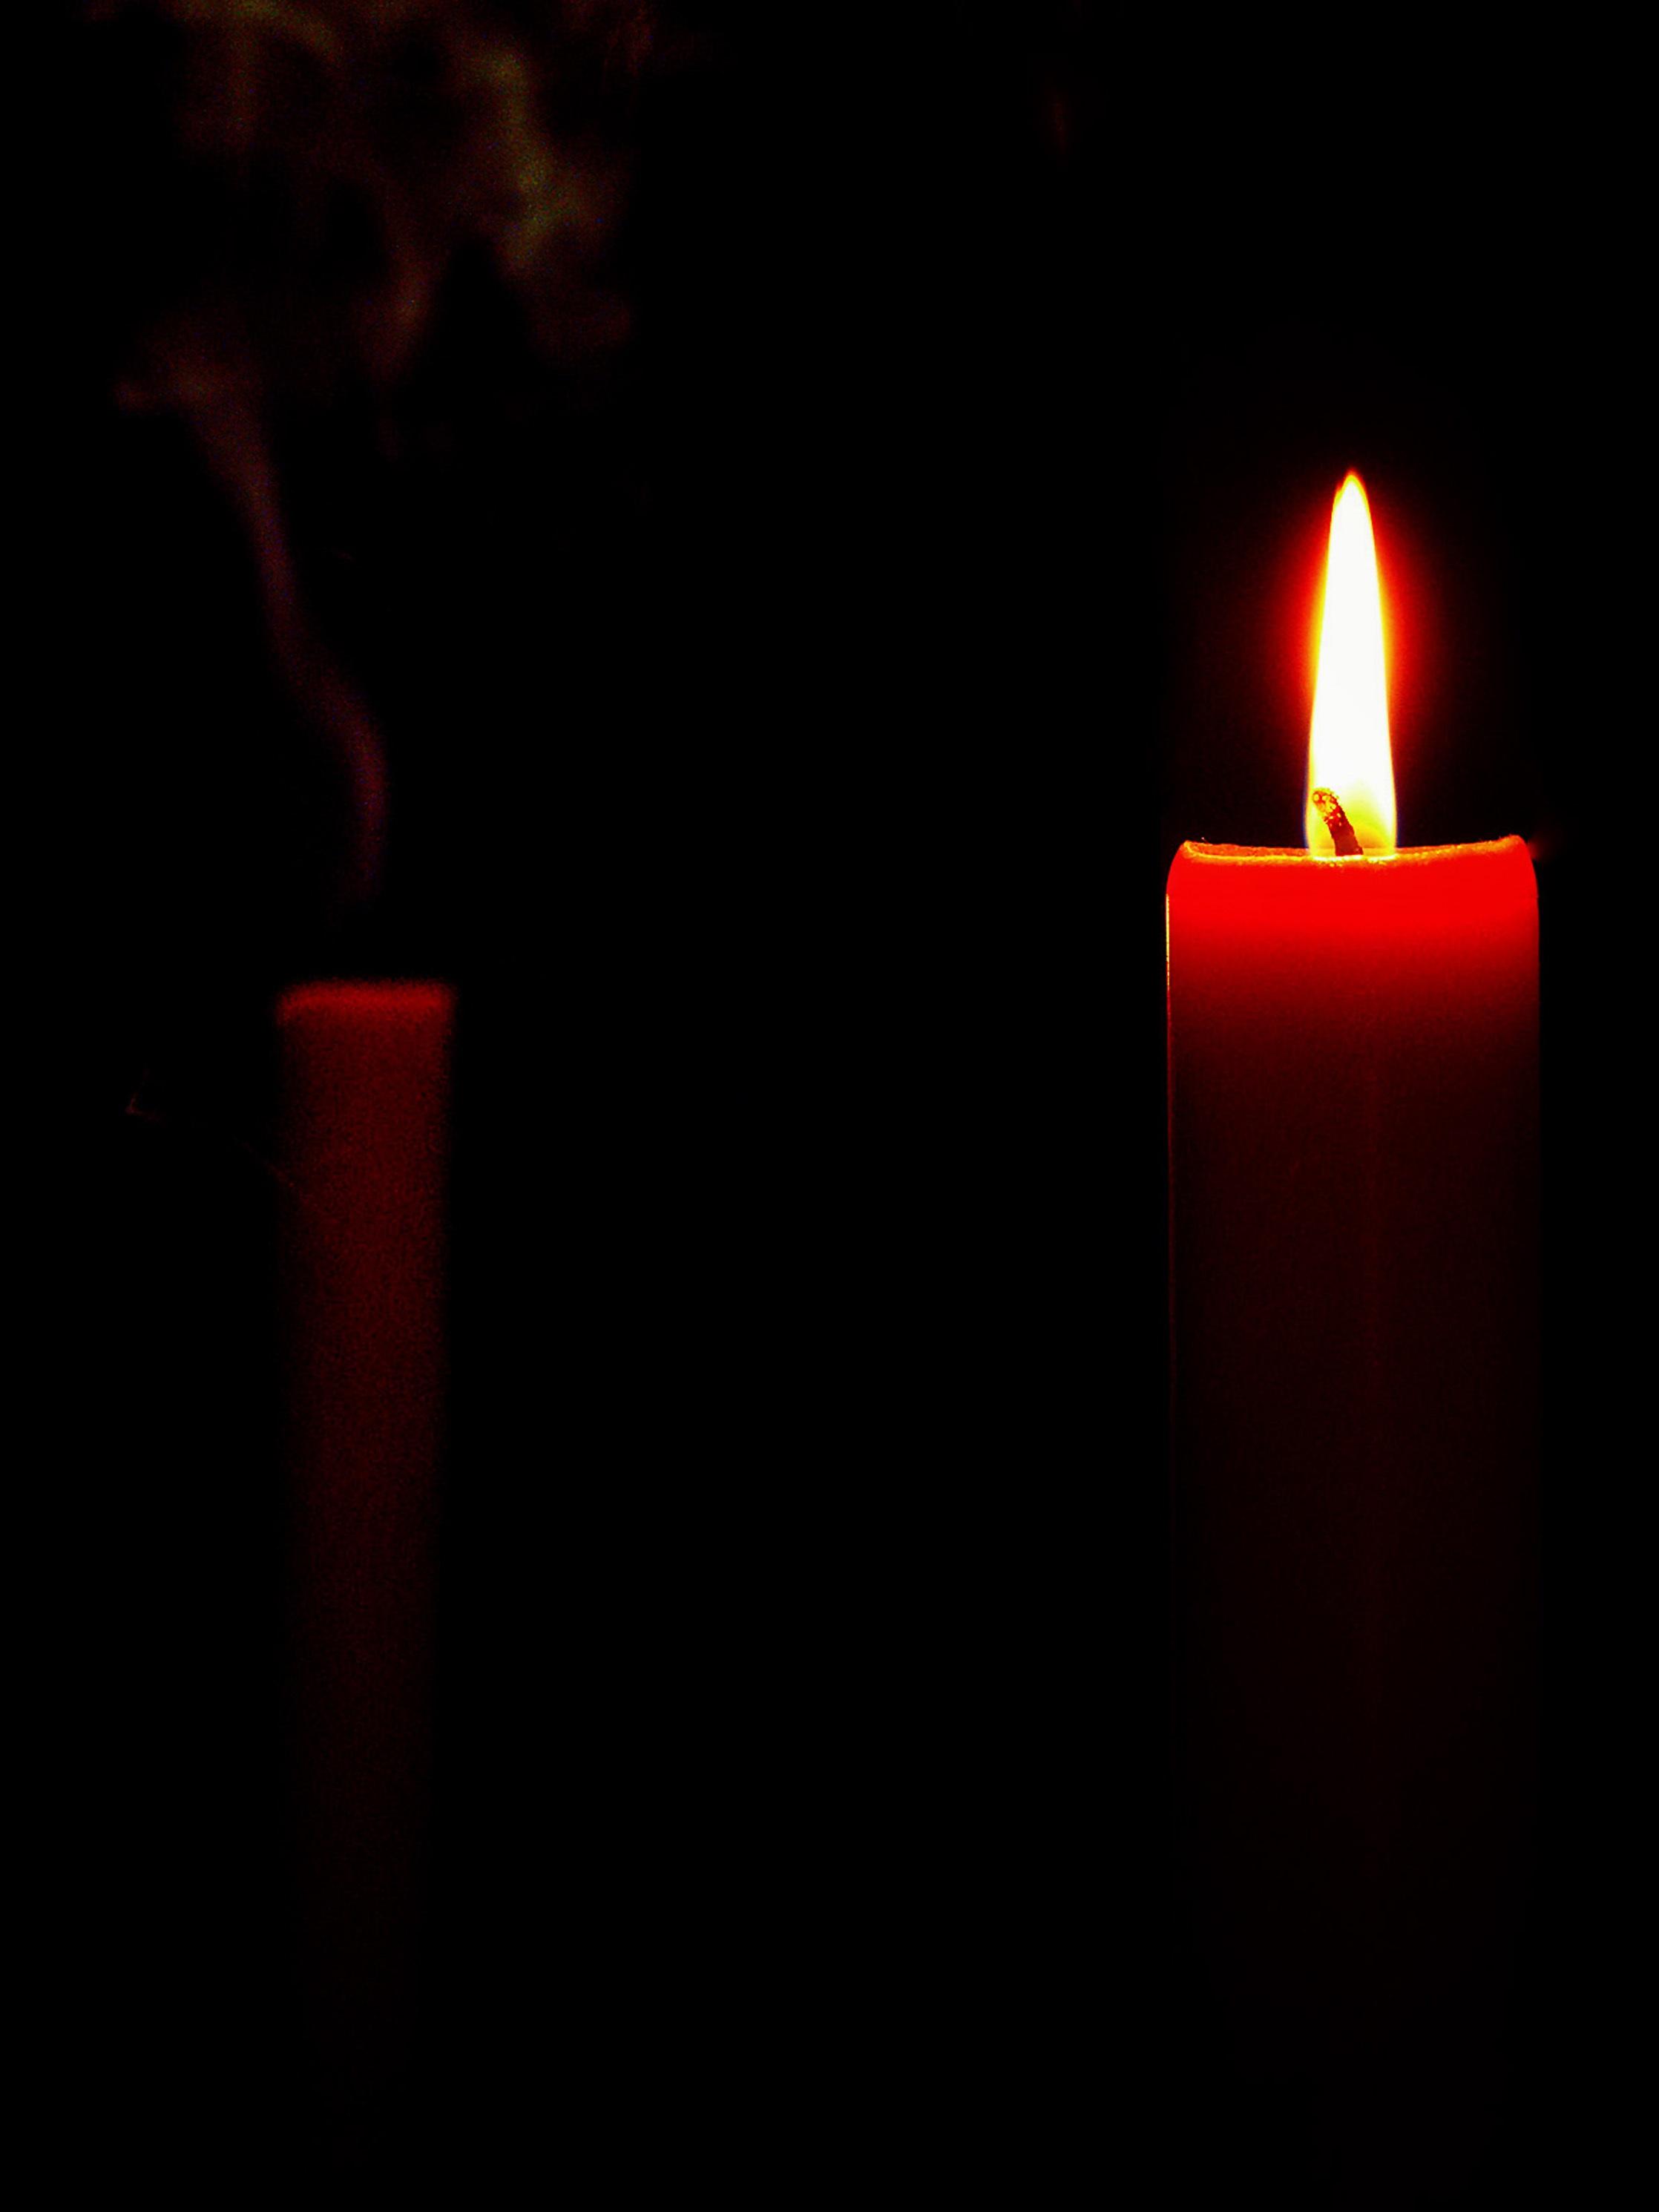 images gratuites hiver lumi re nuit rouge l 39 automne flamme feu romantique obscurit. Black Bedroom Furniture Sets. Home Design Ideas